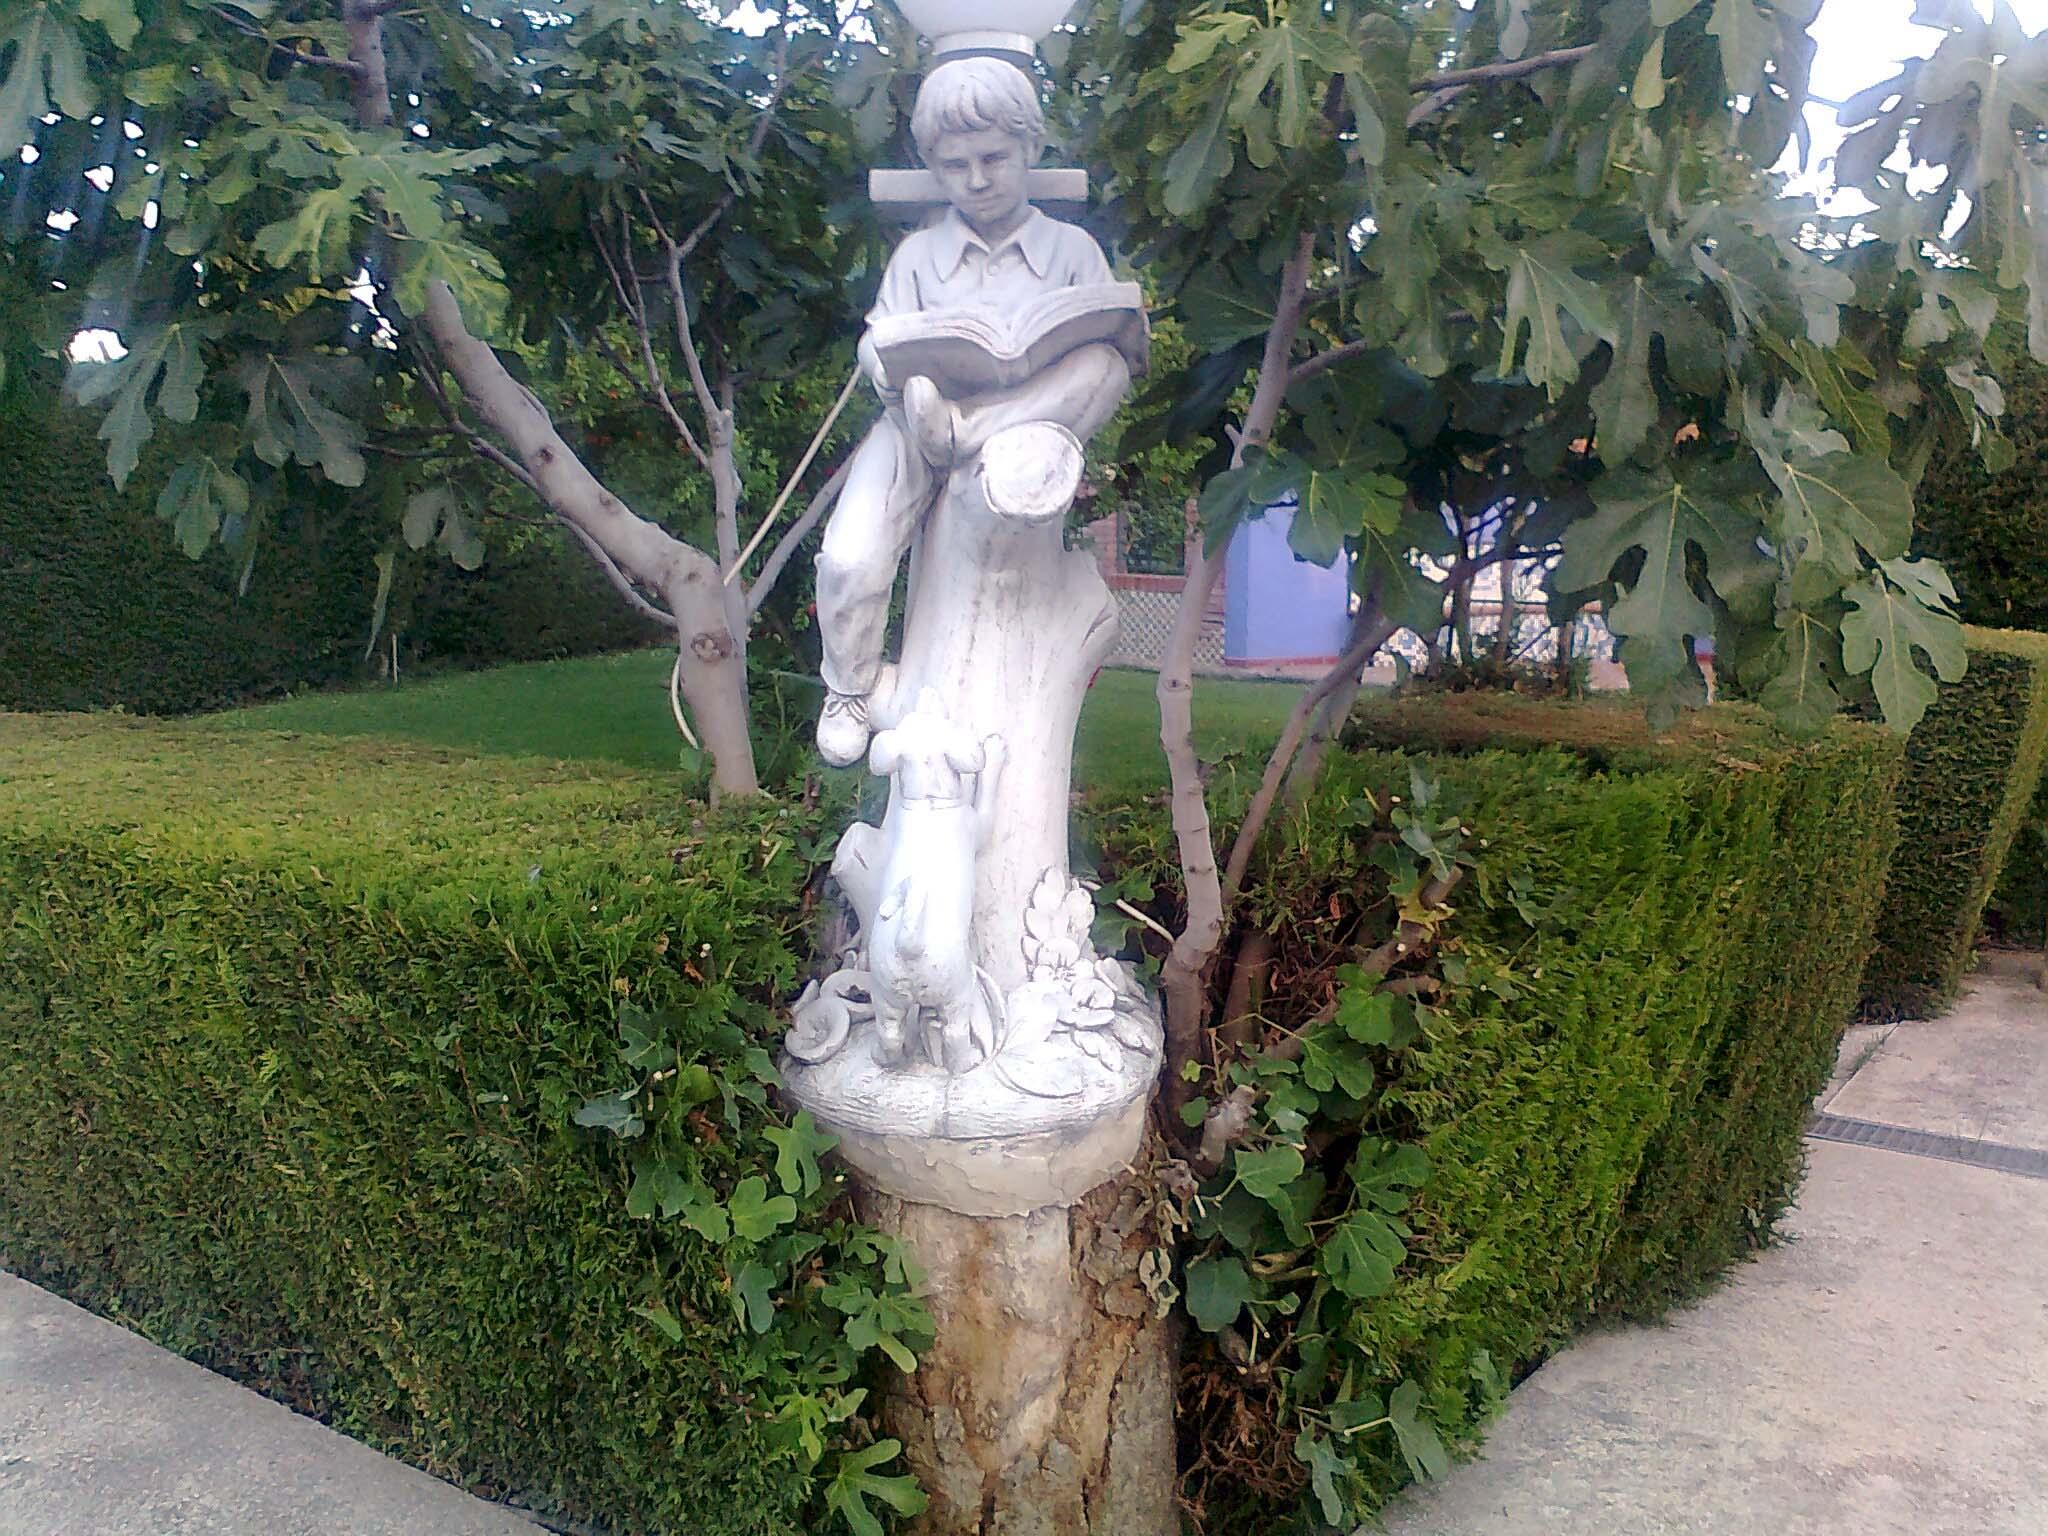 Limpieza de jardines en zaragoza cangurin - Elementos decorativos para jardin ...